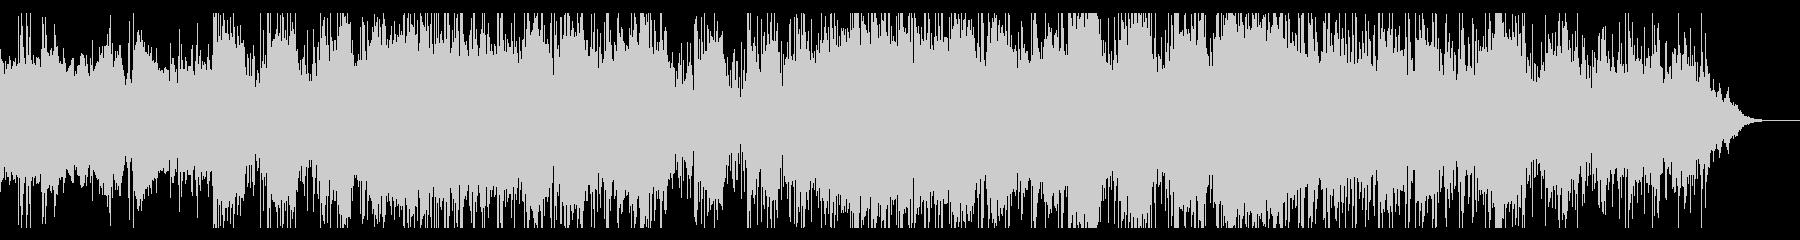 ダークなインダストリアルIDMの未再生の波形